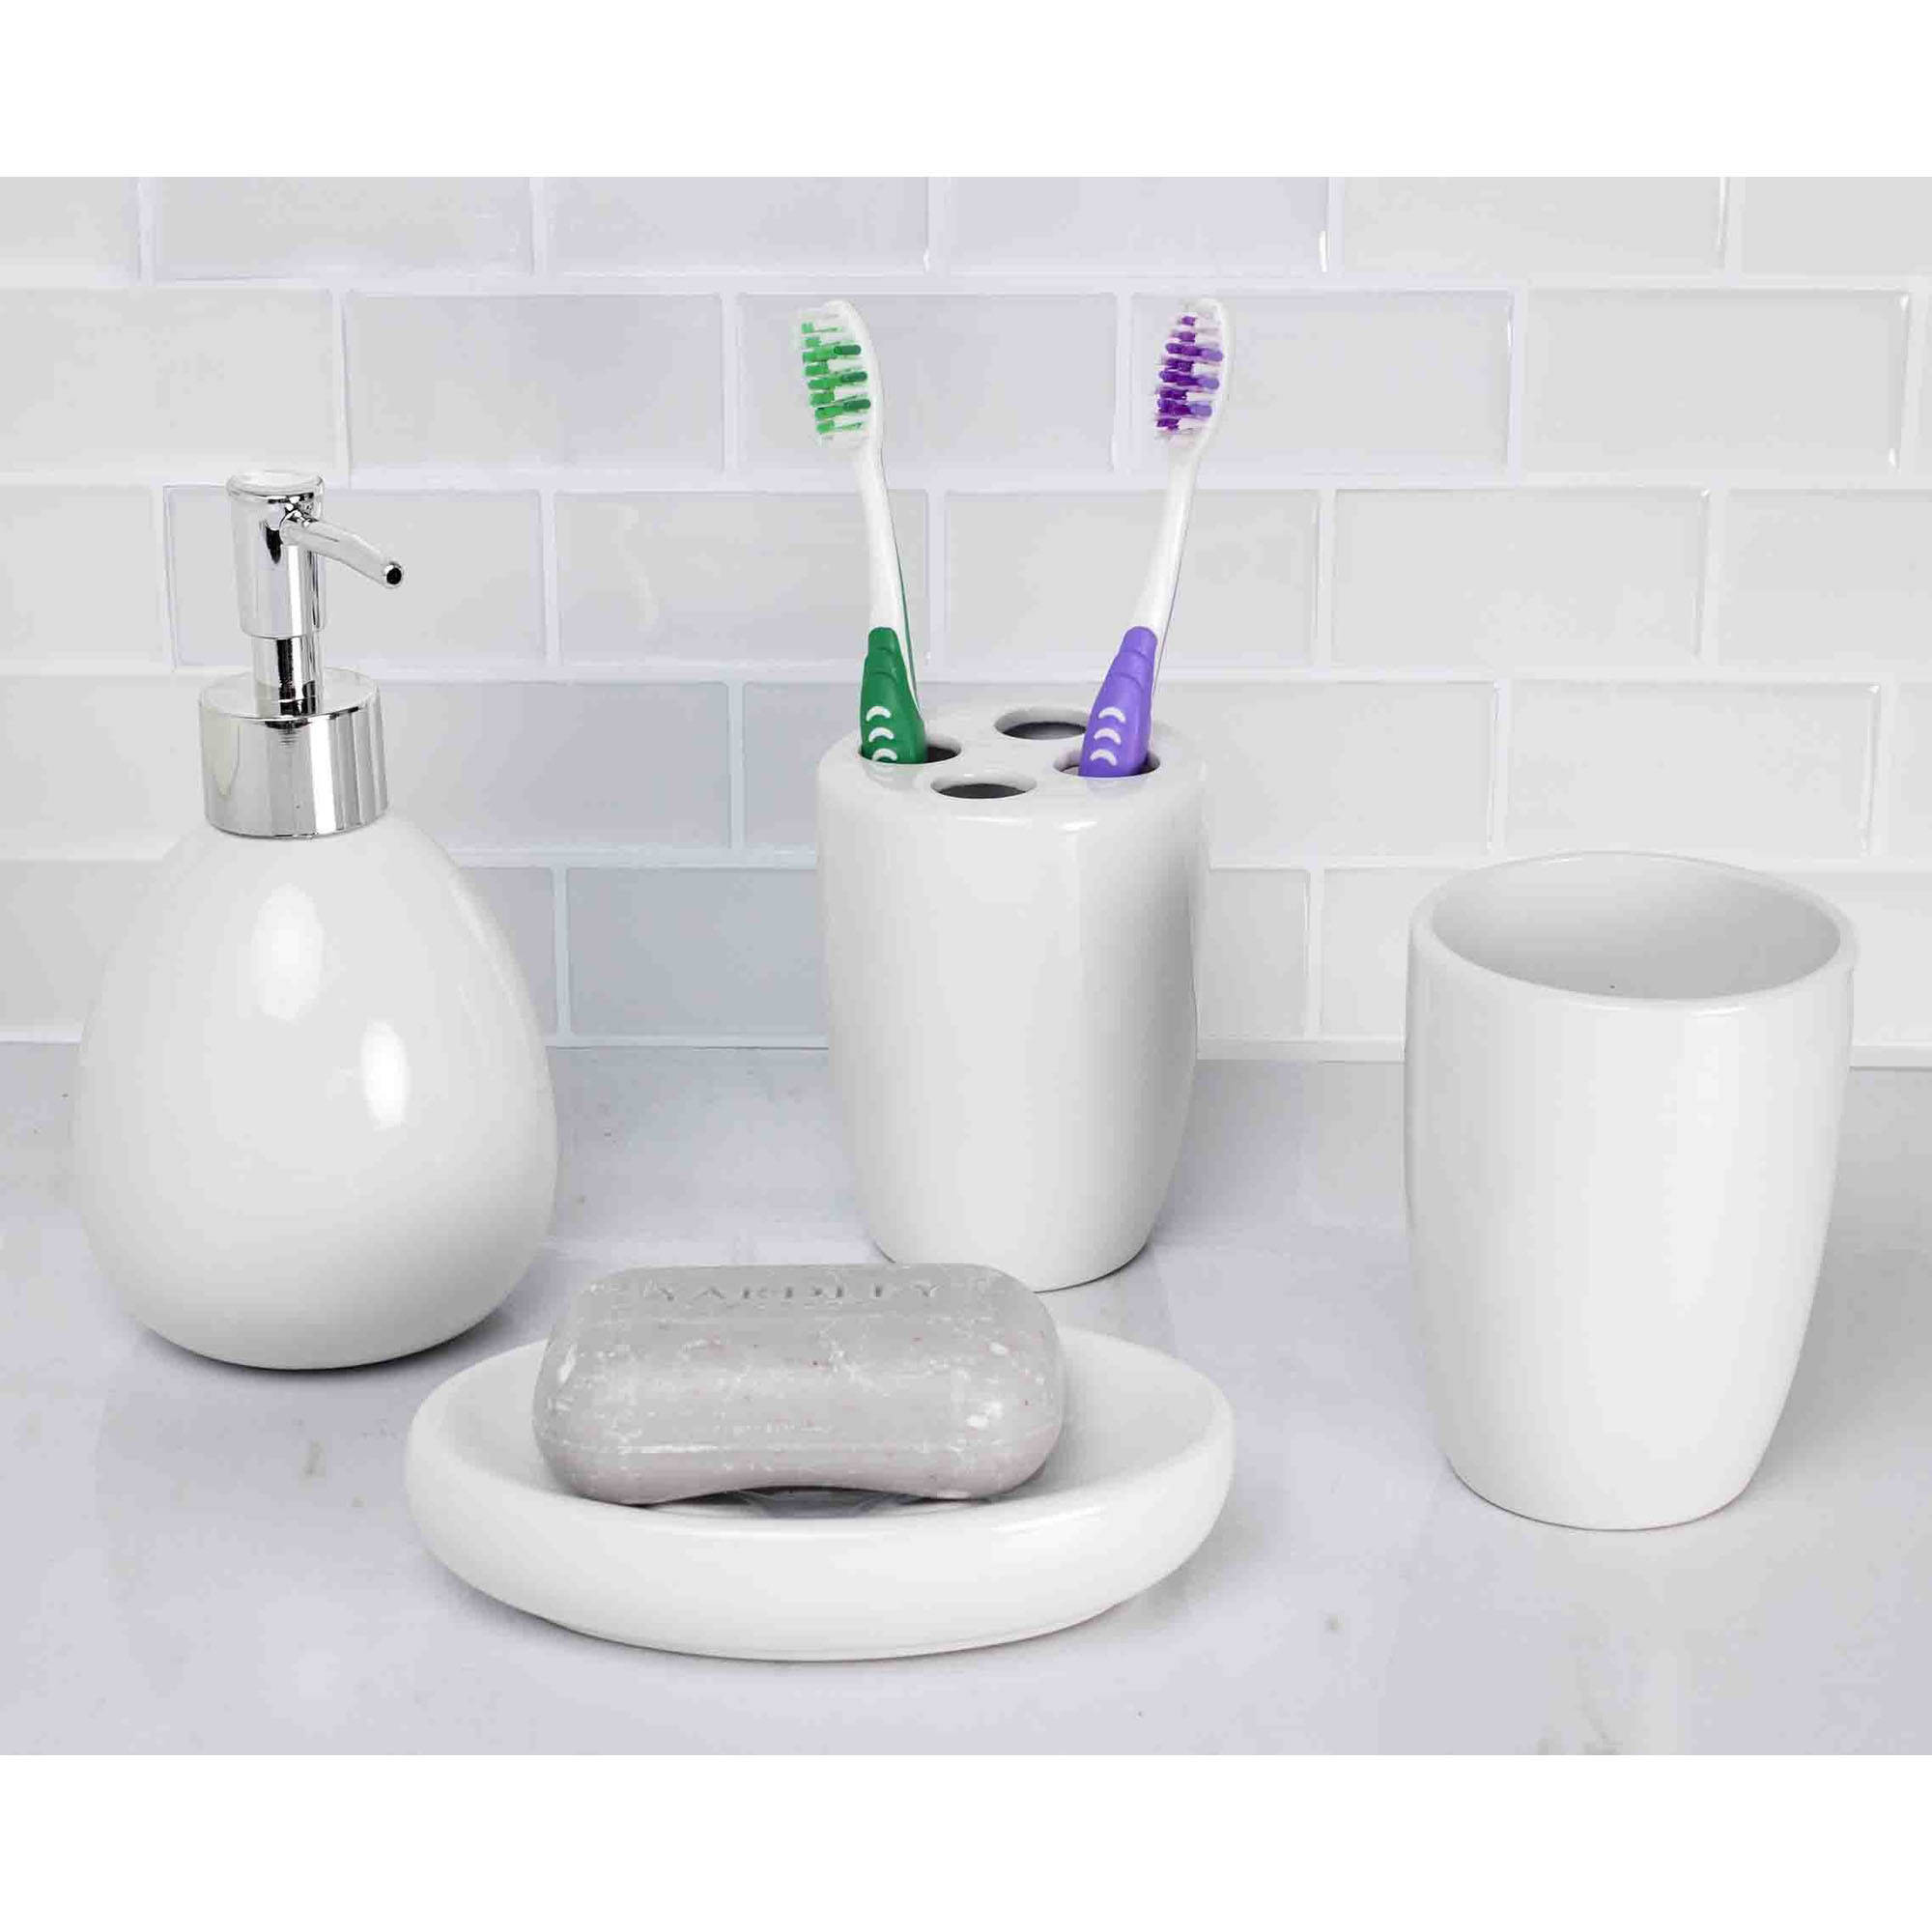 Home Basics 4-Piece White Bathroom Accessory Set - Walmart.com